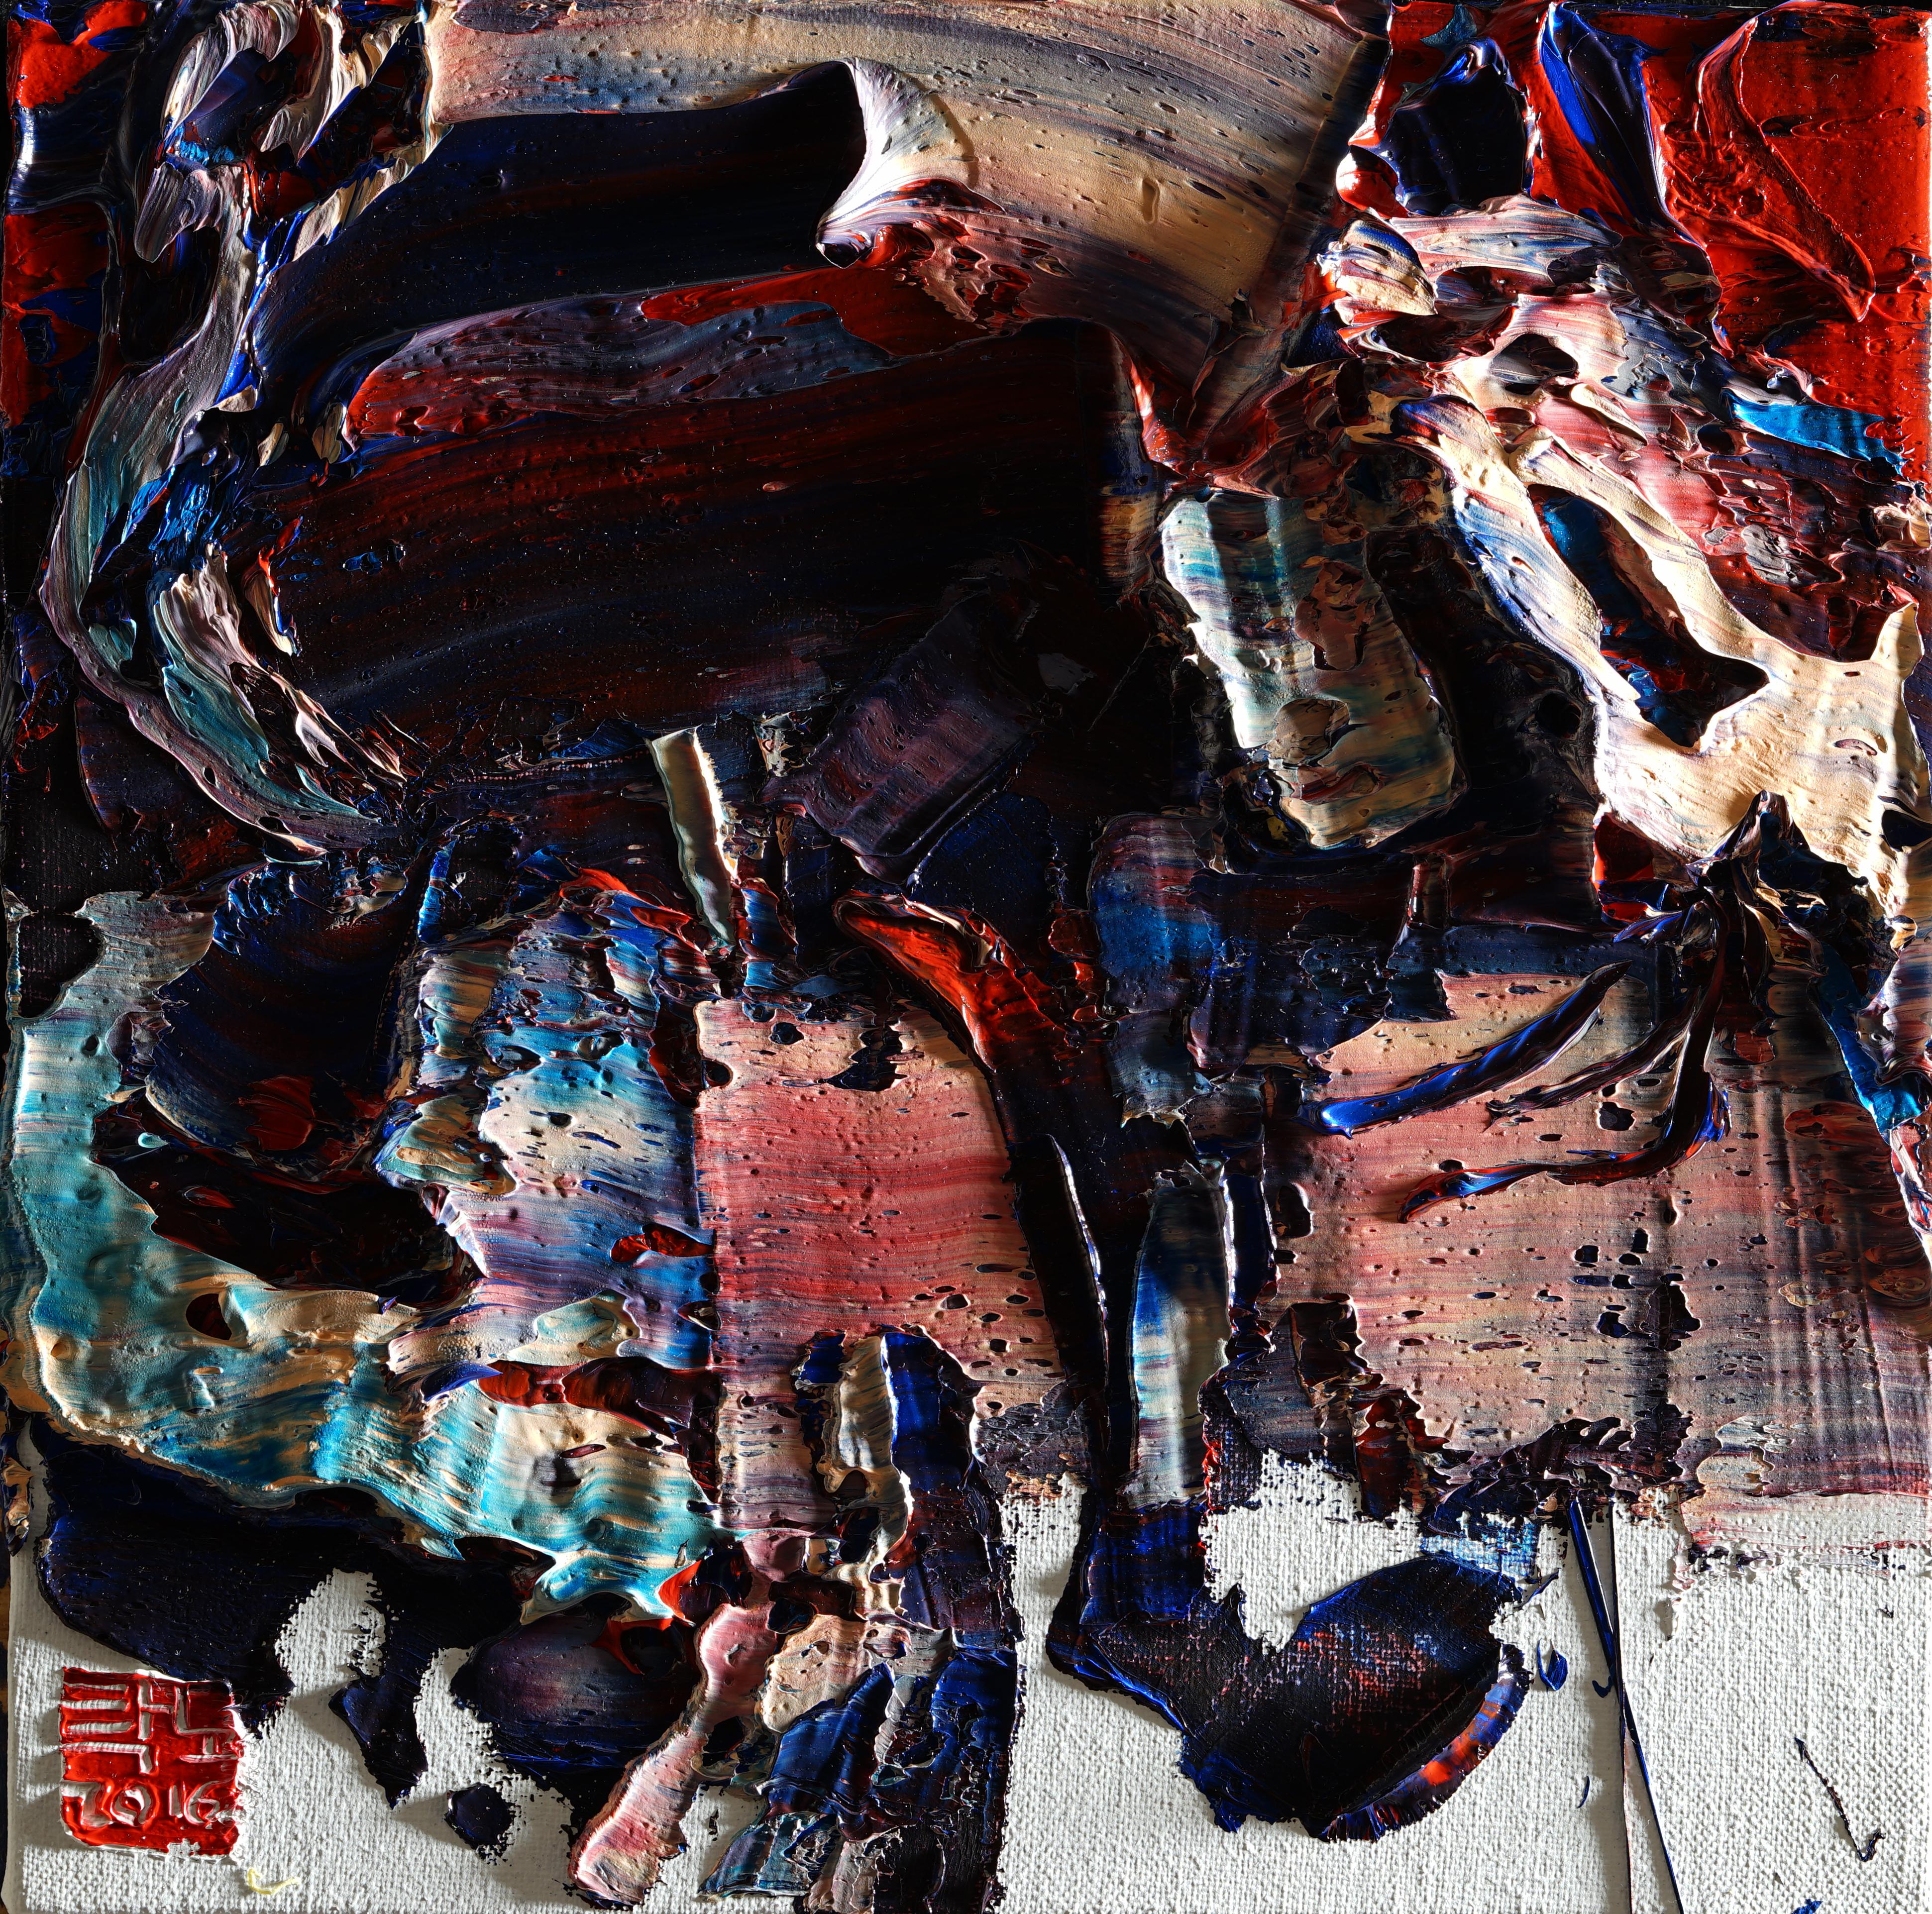 2016 wild aura horse 021, 33x33cm, Oil on canvas, 2016